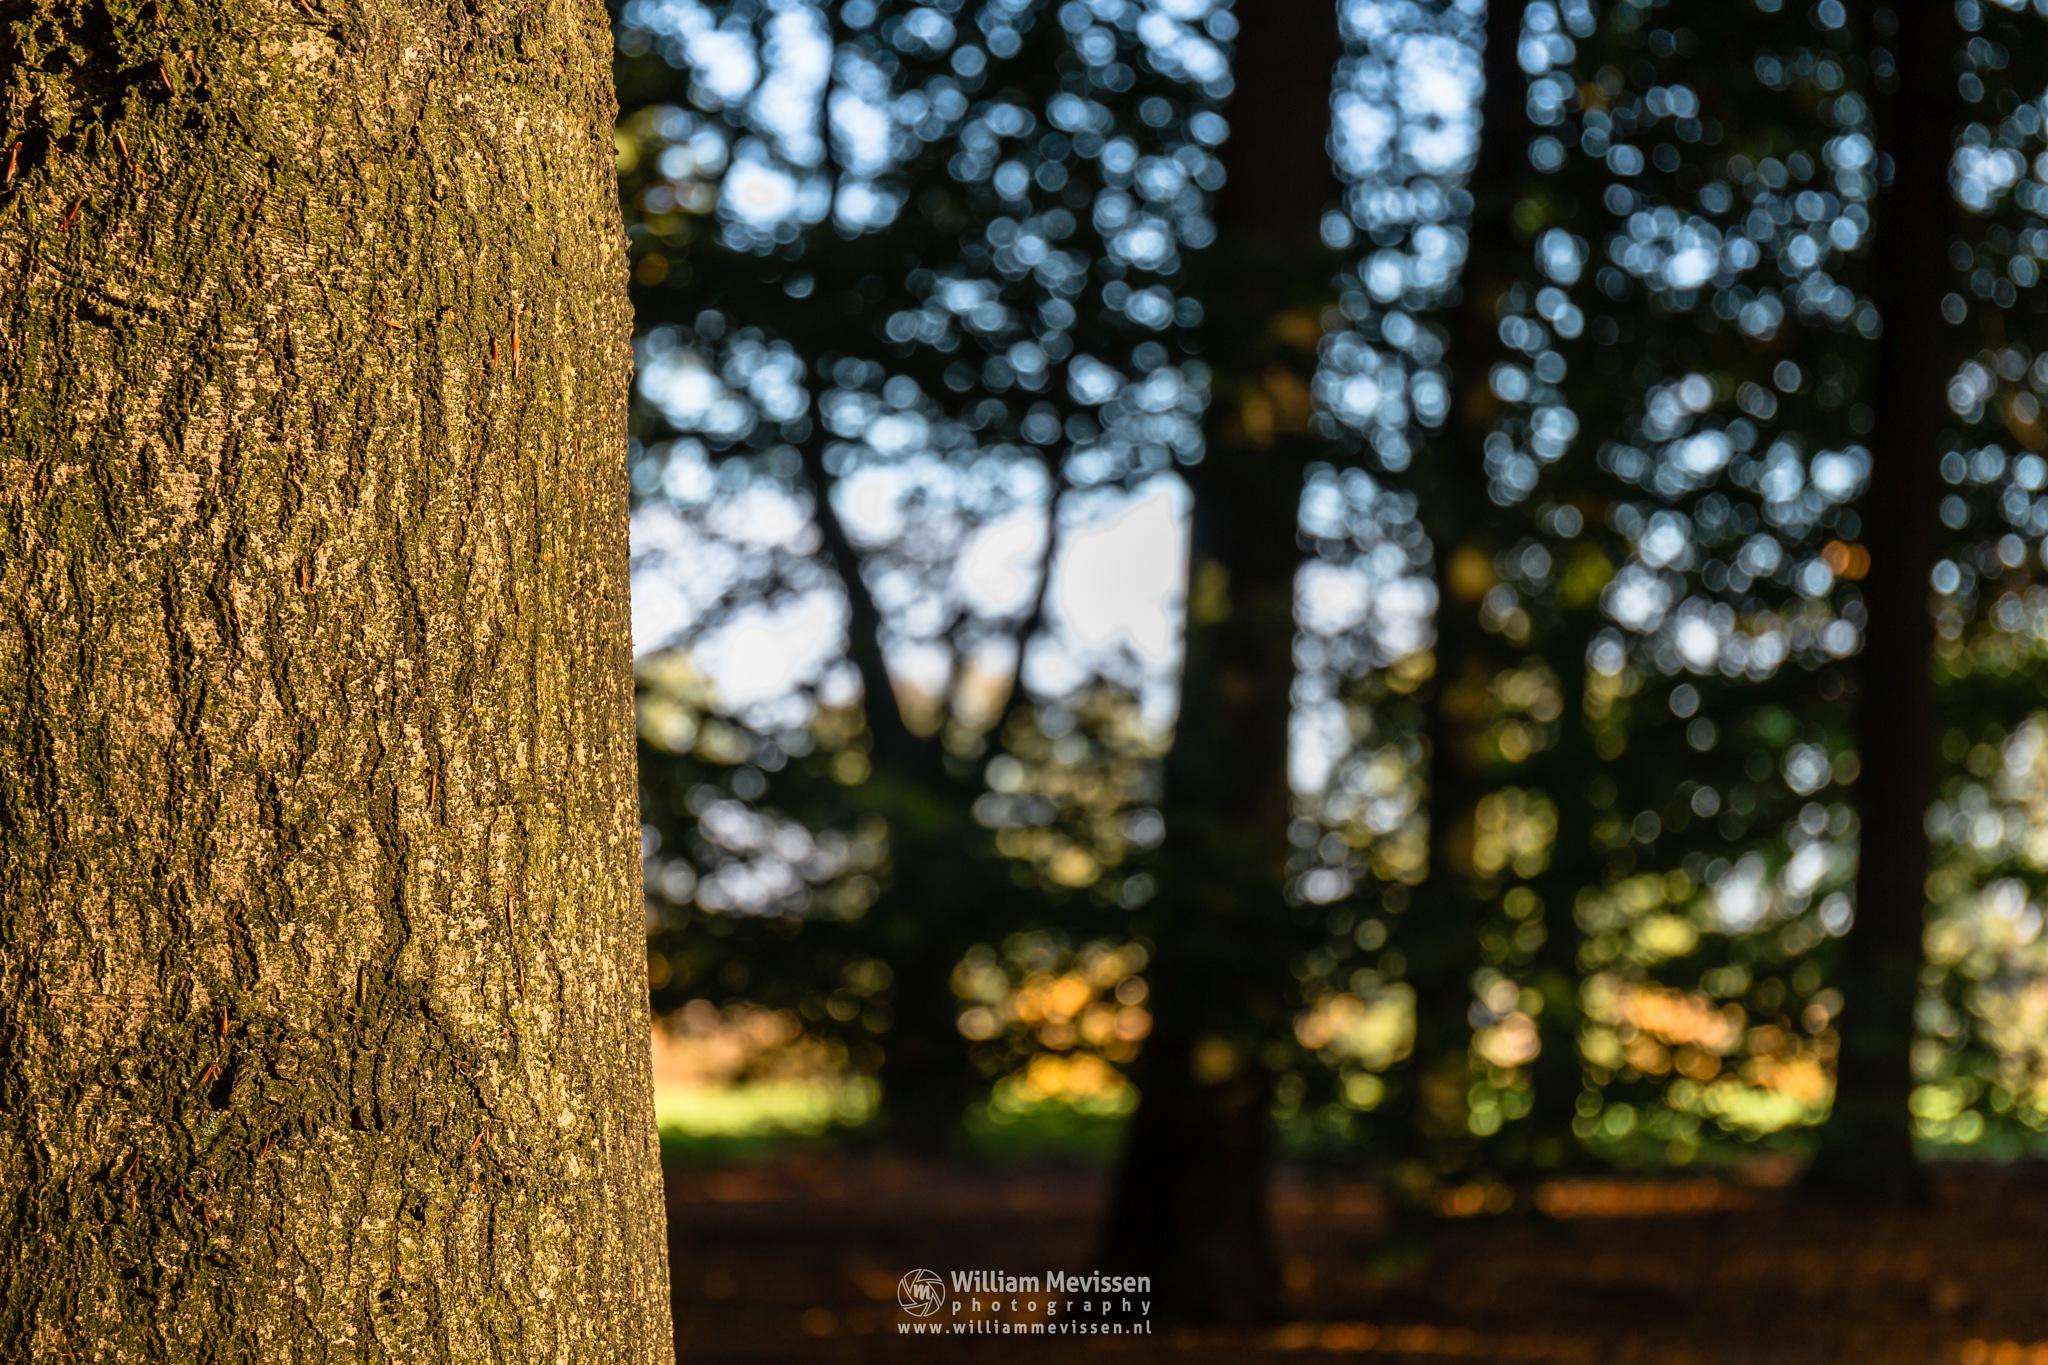 Sunny Autumn Tree Trunk by William Mevissen